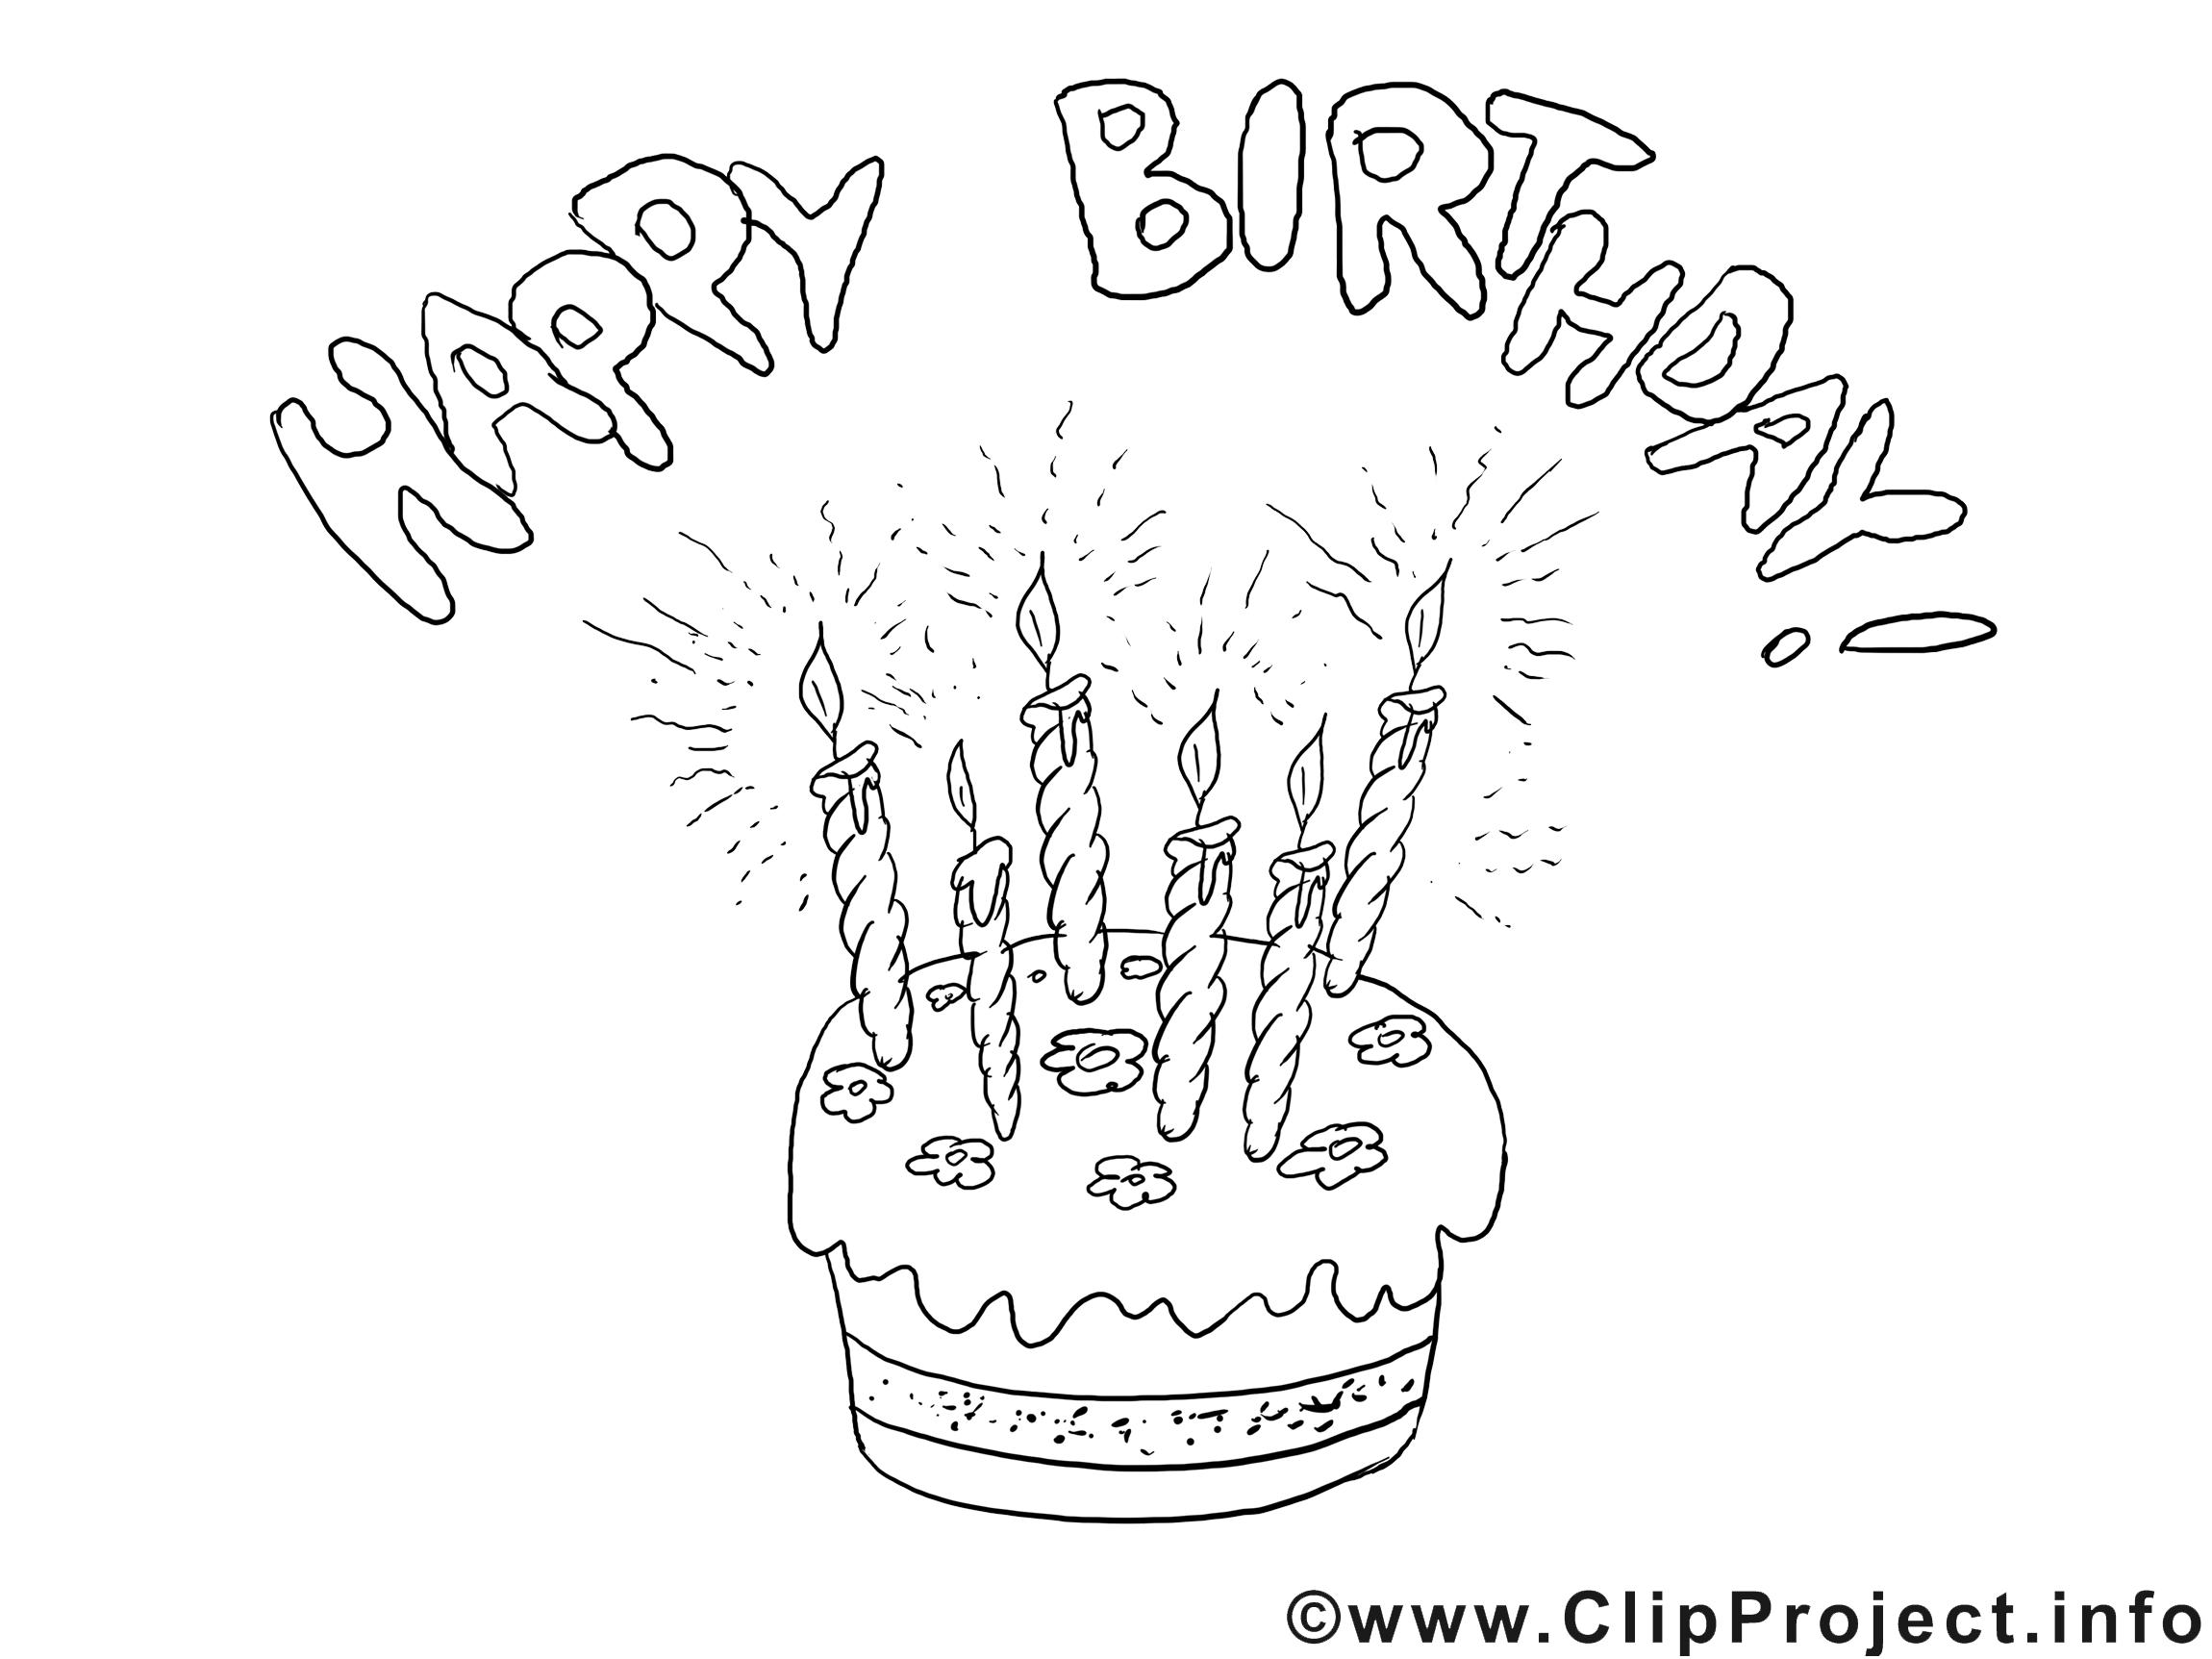 Ausmalbild Zum Geburtstag Geburtstag Malvorlagen Geburtstagskarten Gestalten Ausmalbilder